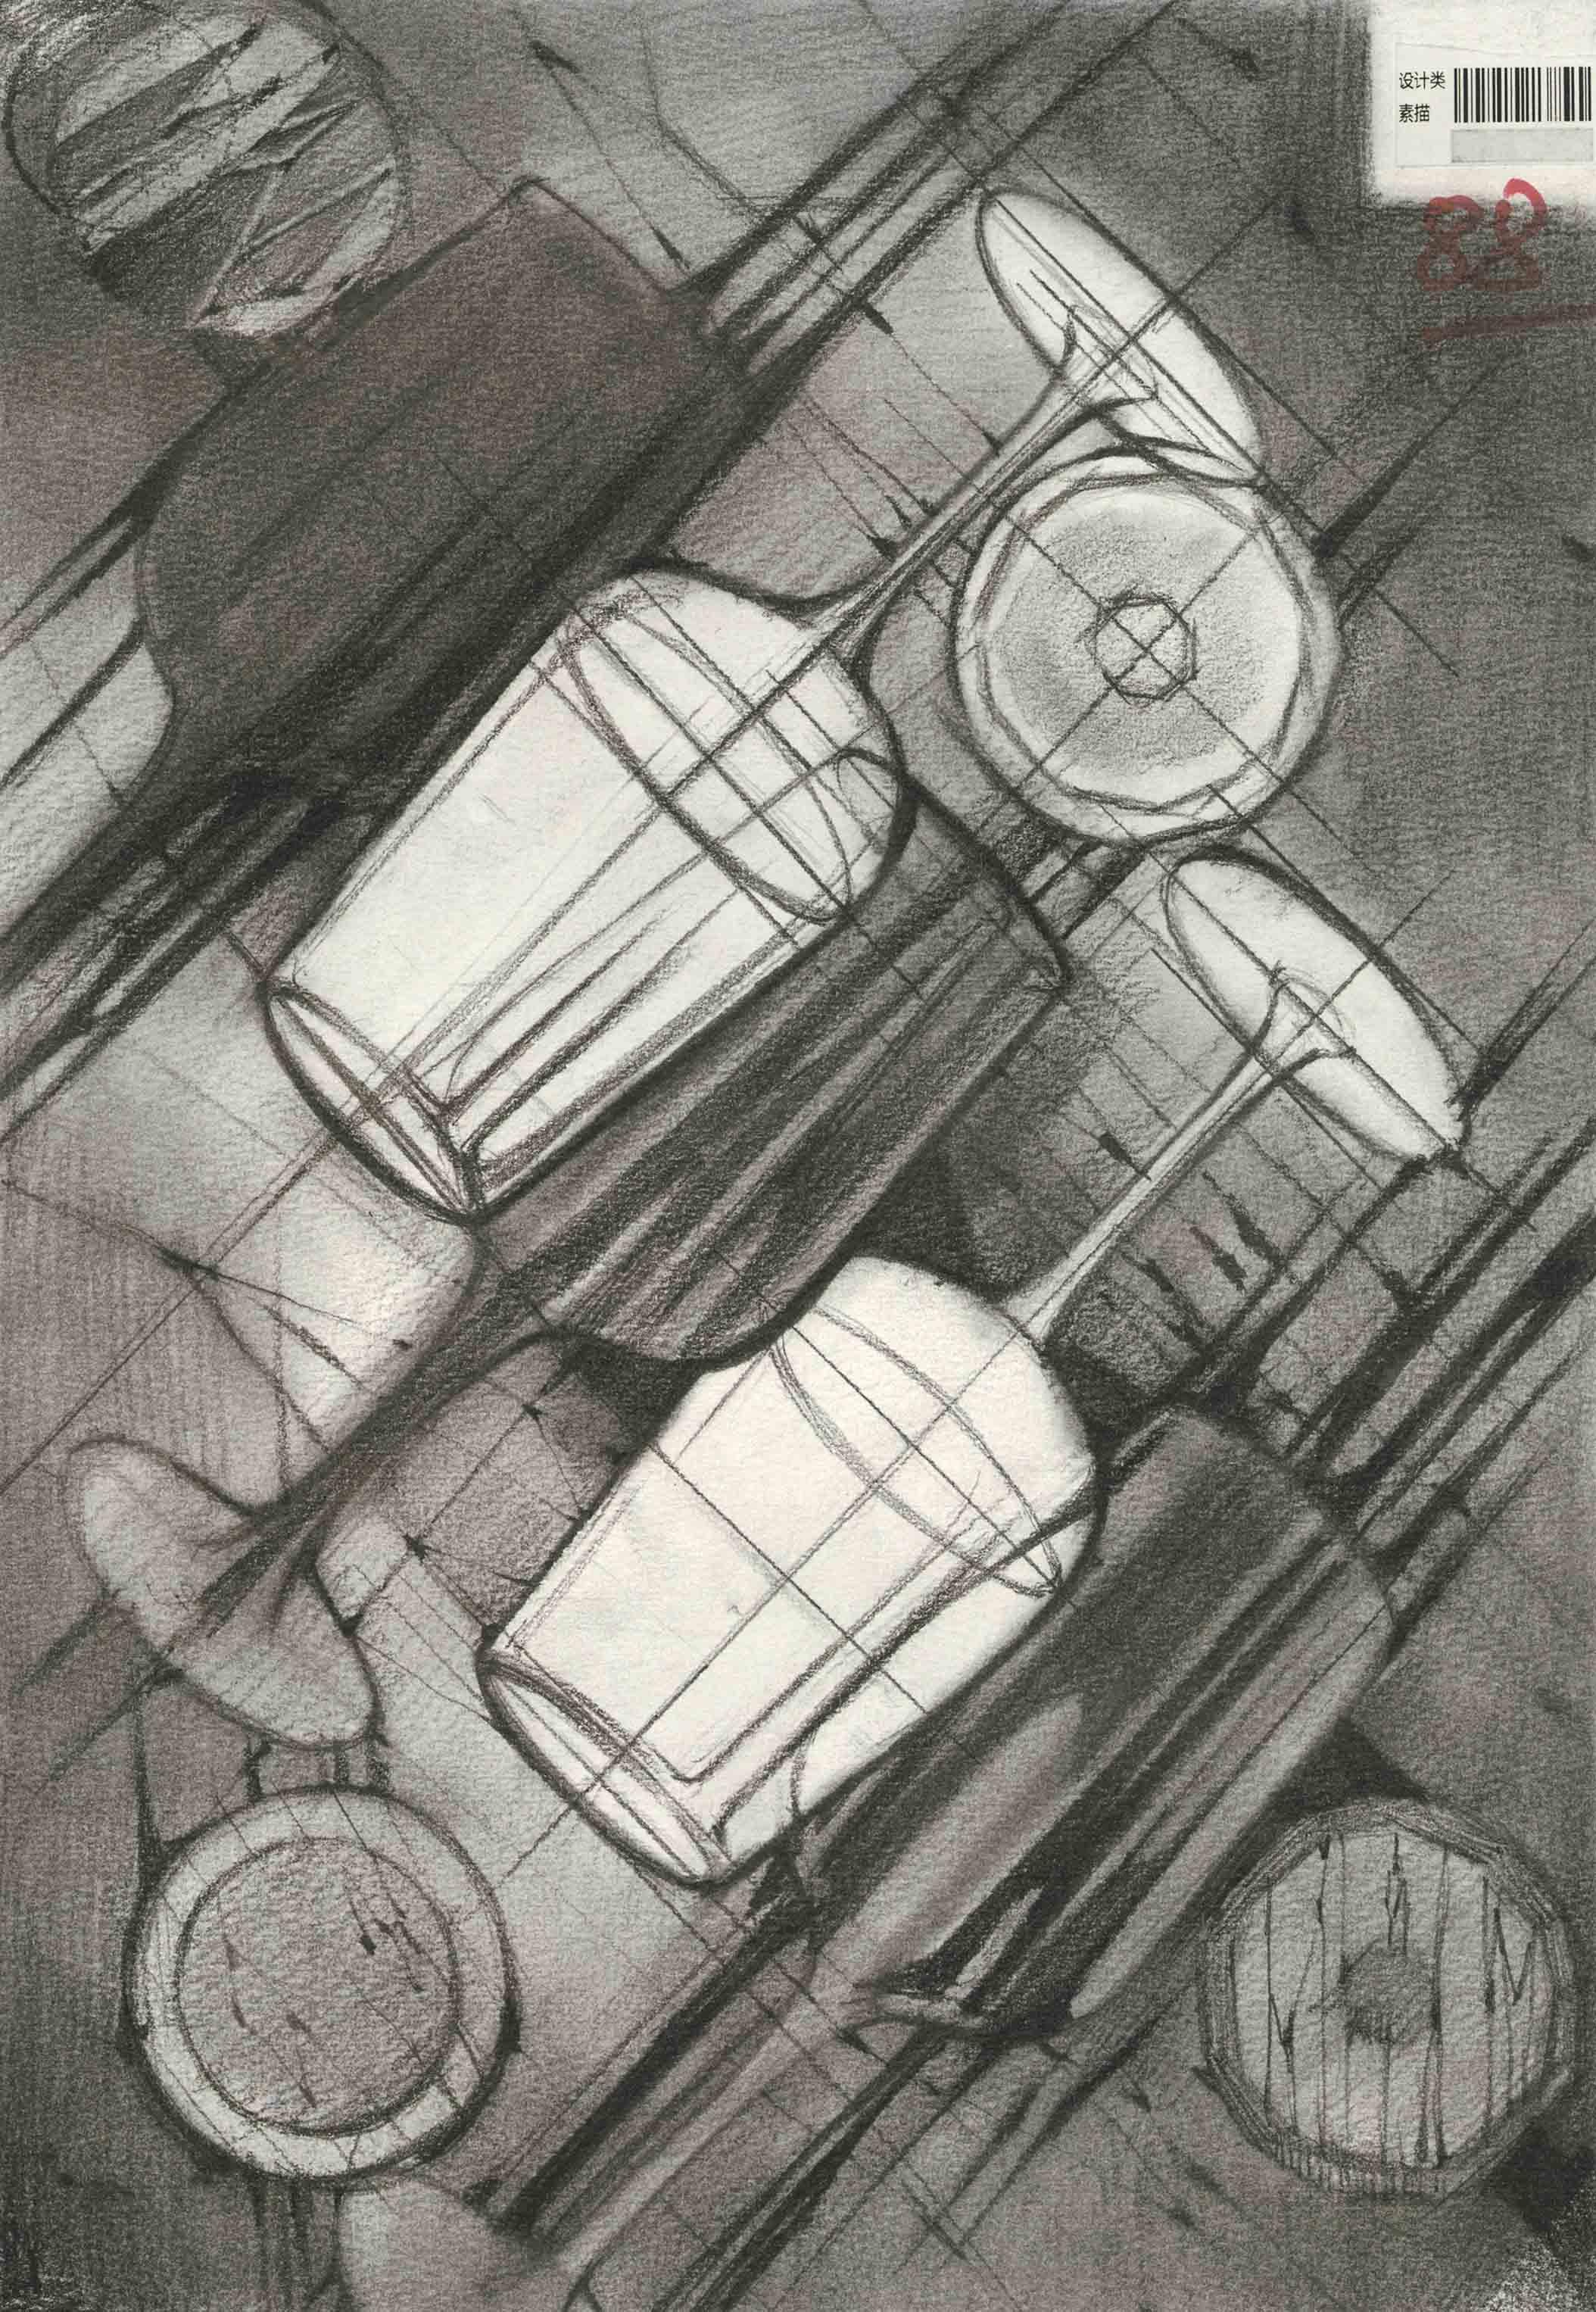 《解密高分卷-川美设计篇》之设计素描